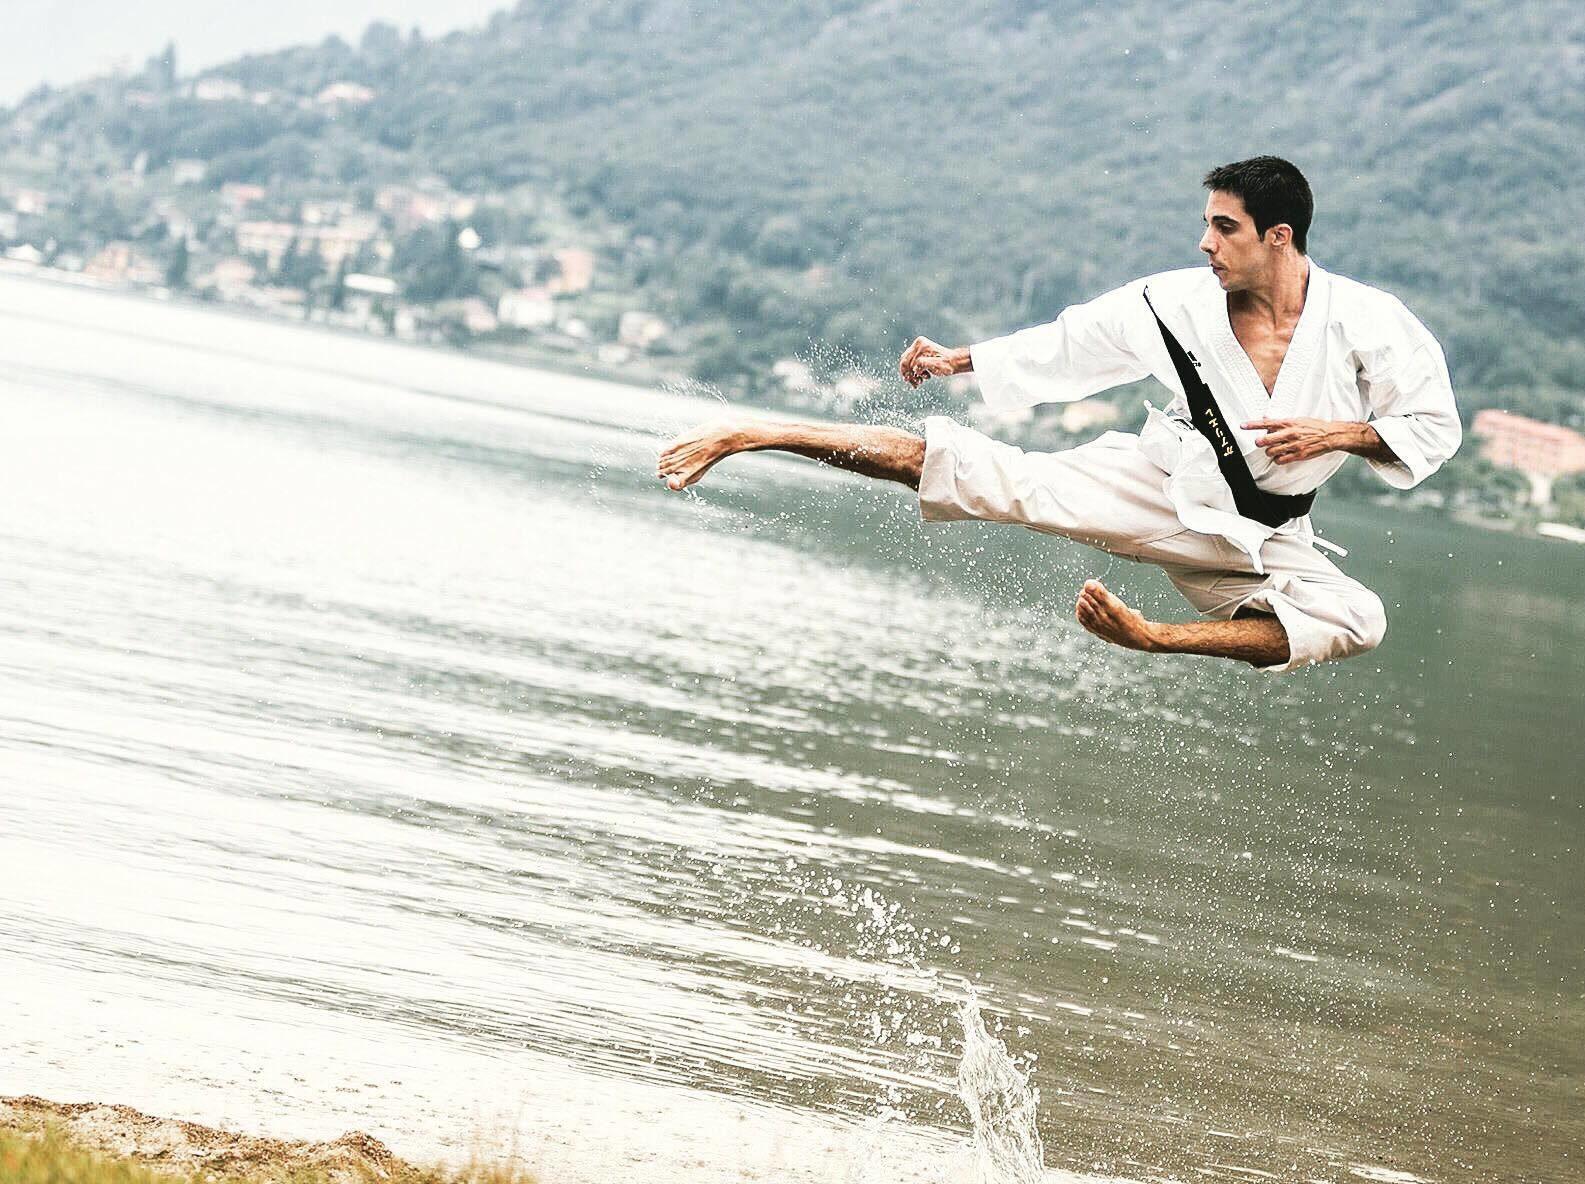 Il Ceresio e il karate: intervista a Gabriele Caccialanza